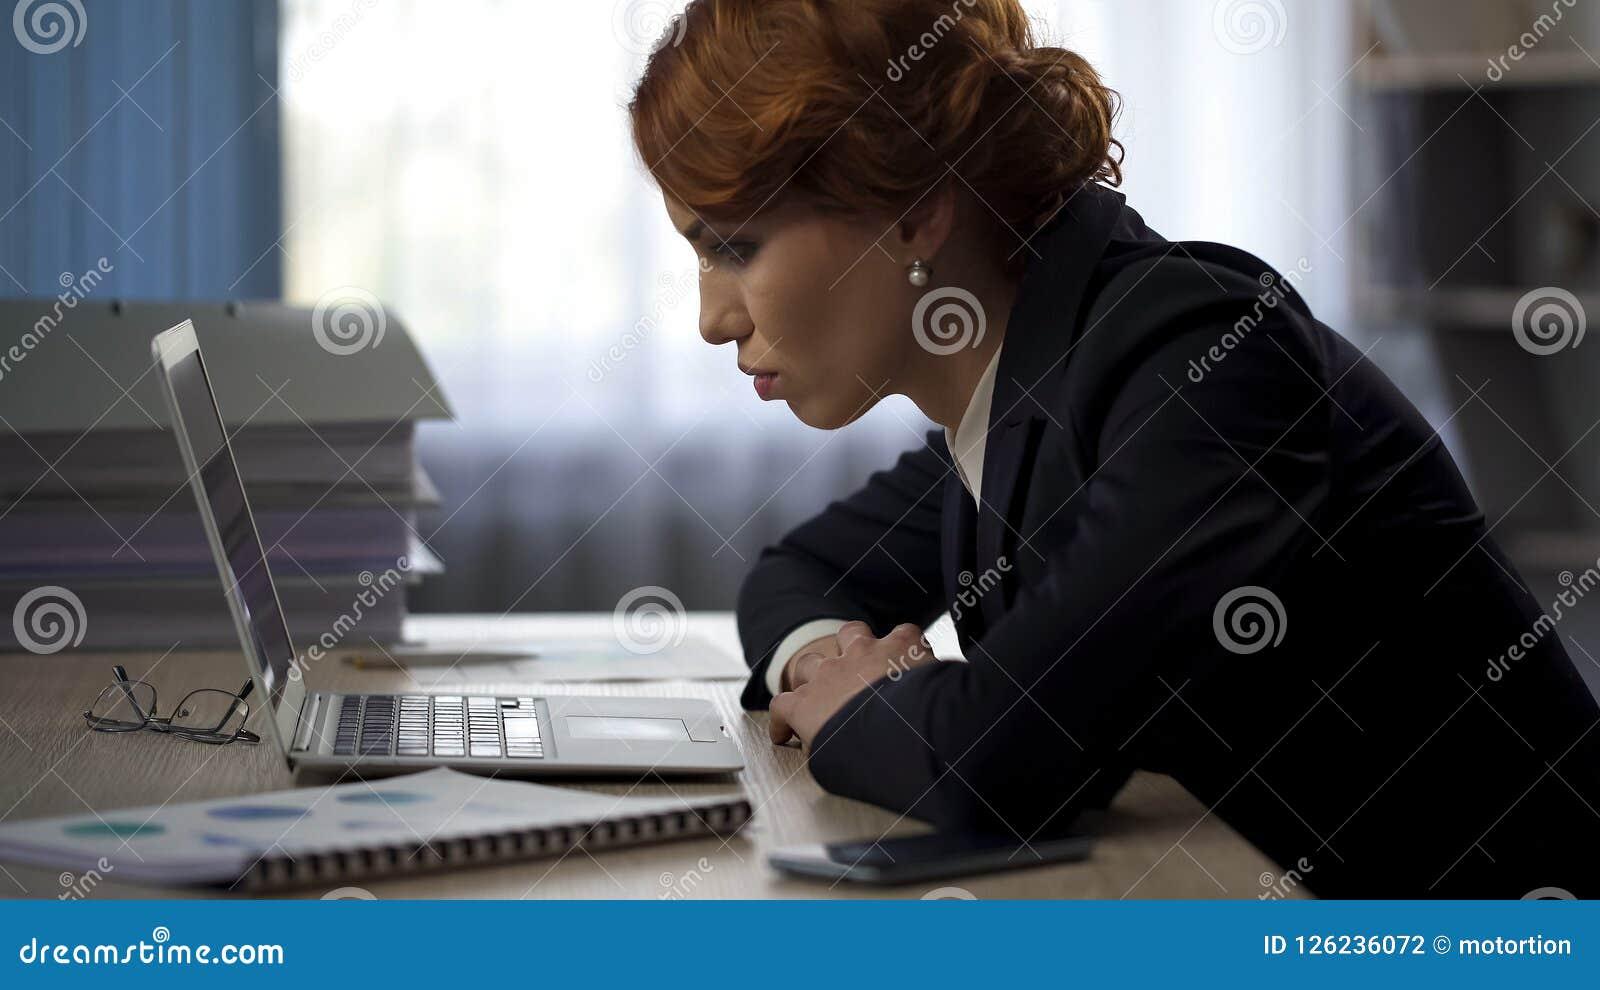 Утомленная бизнес-леди работая крепко всю ночь смотрящ законченный отчет, крайний срок